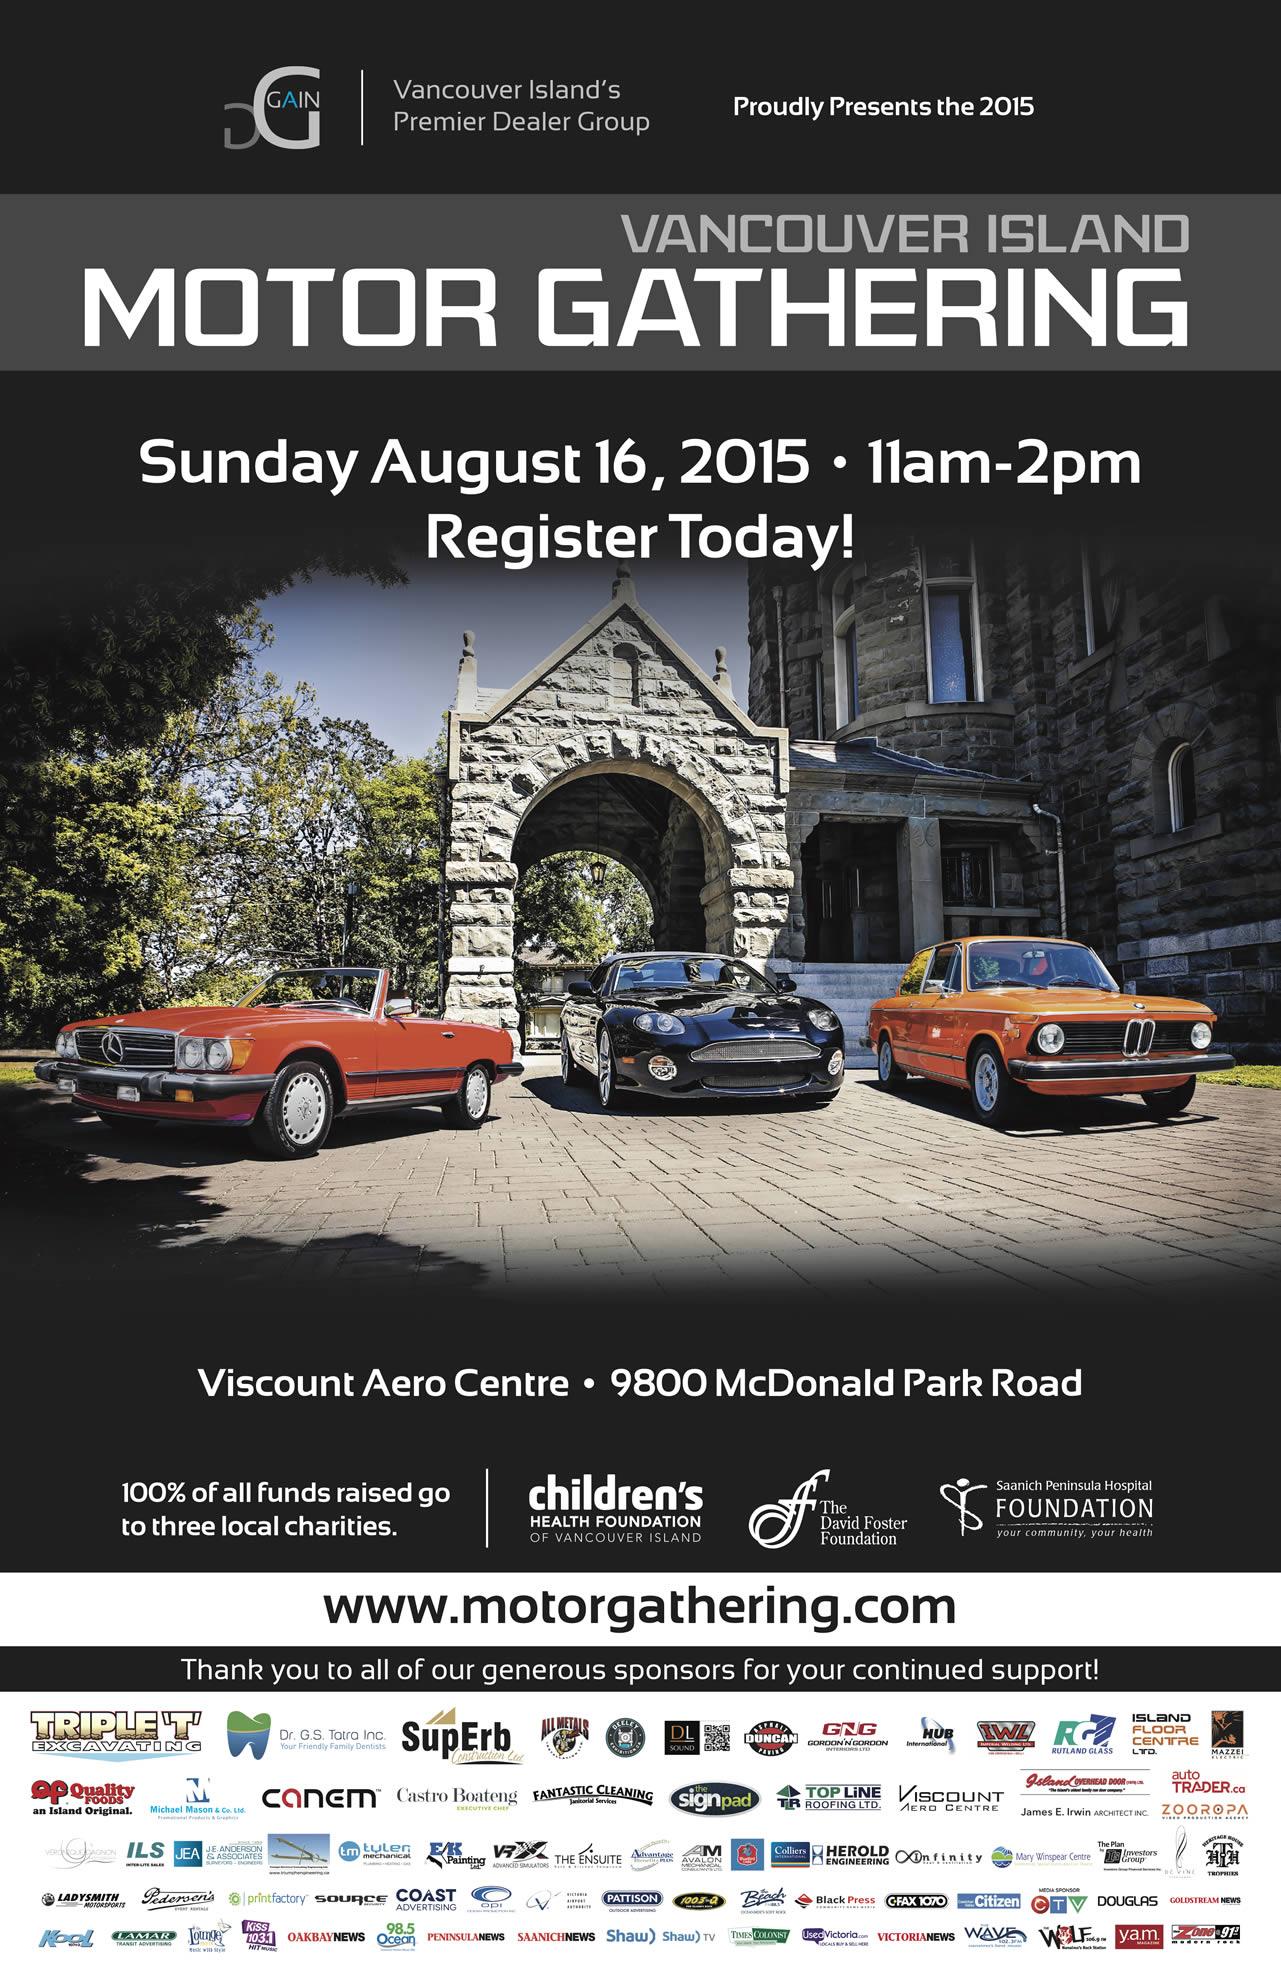 motor-gathering-2015-sponsorship-poster